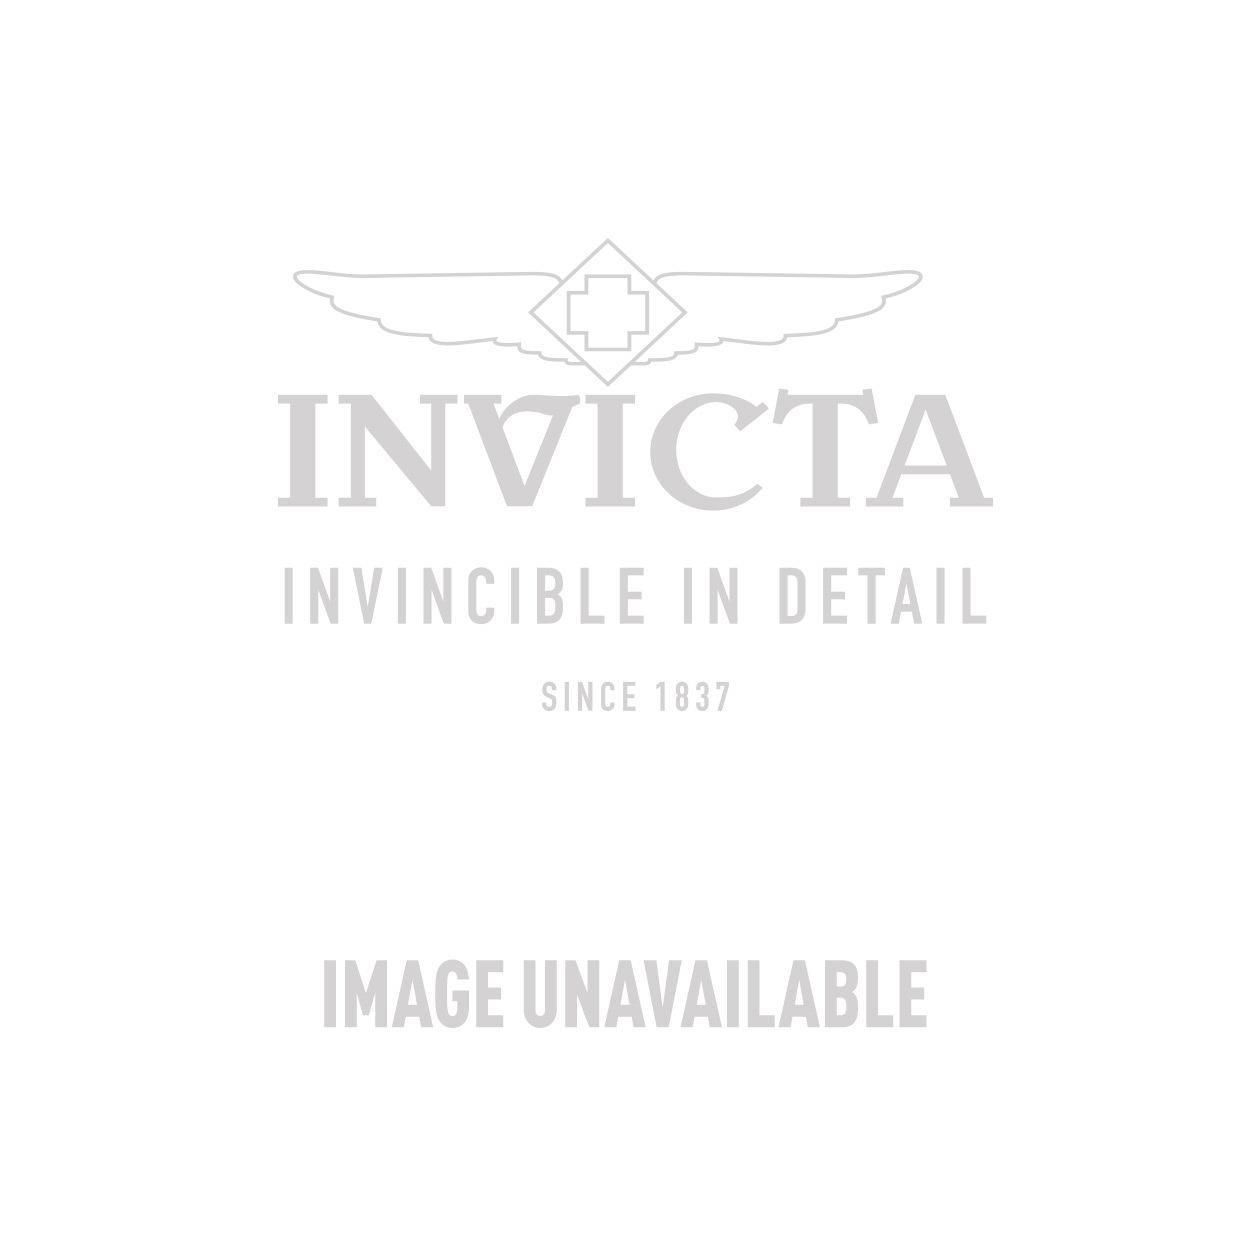 Invicta Subaqua Swiss Made Quartz Watch - Titanium, Stainless Steel case with Yellow tone Ceramic, Titanium, Plastic band - Model 12778